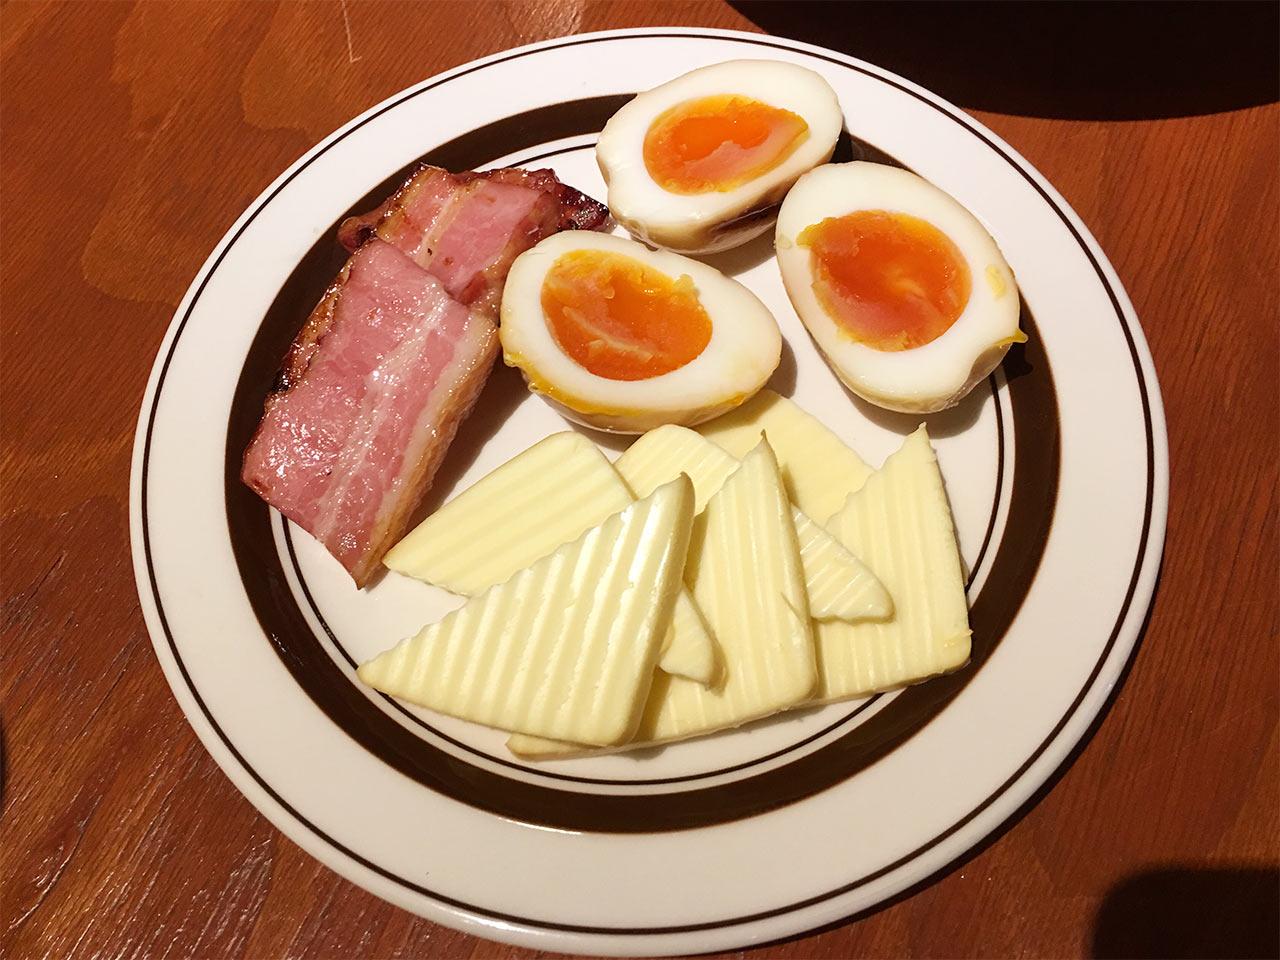 ブルックリンダイナー中目黒店のベーコンと卵とチーズのスモーク